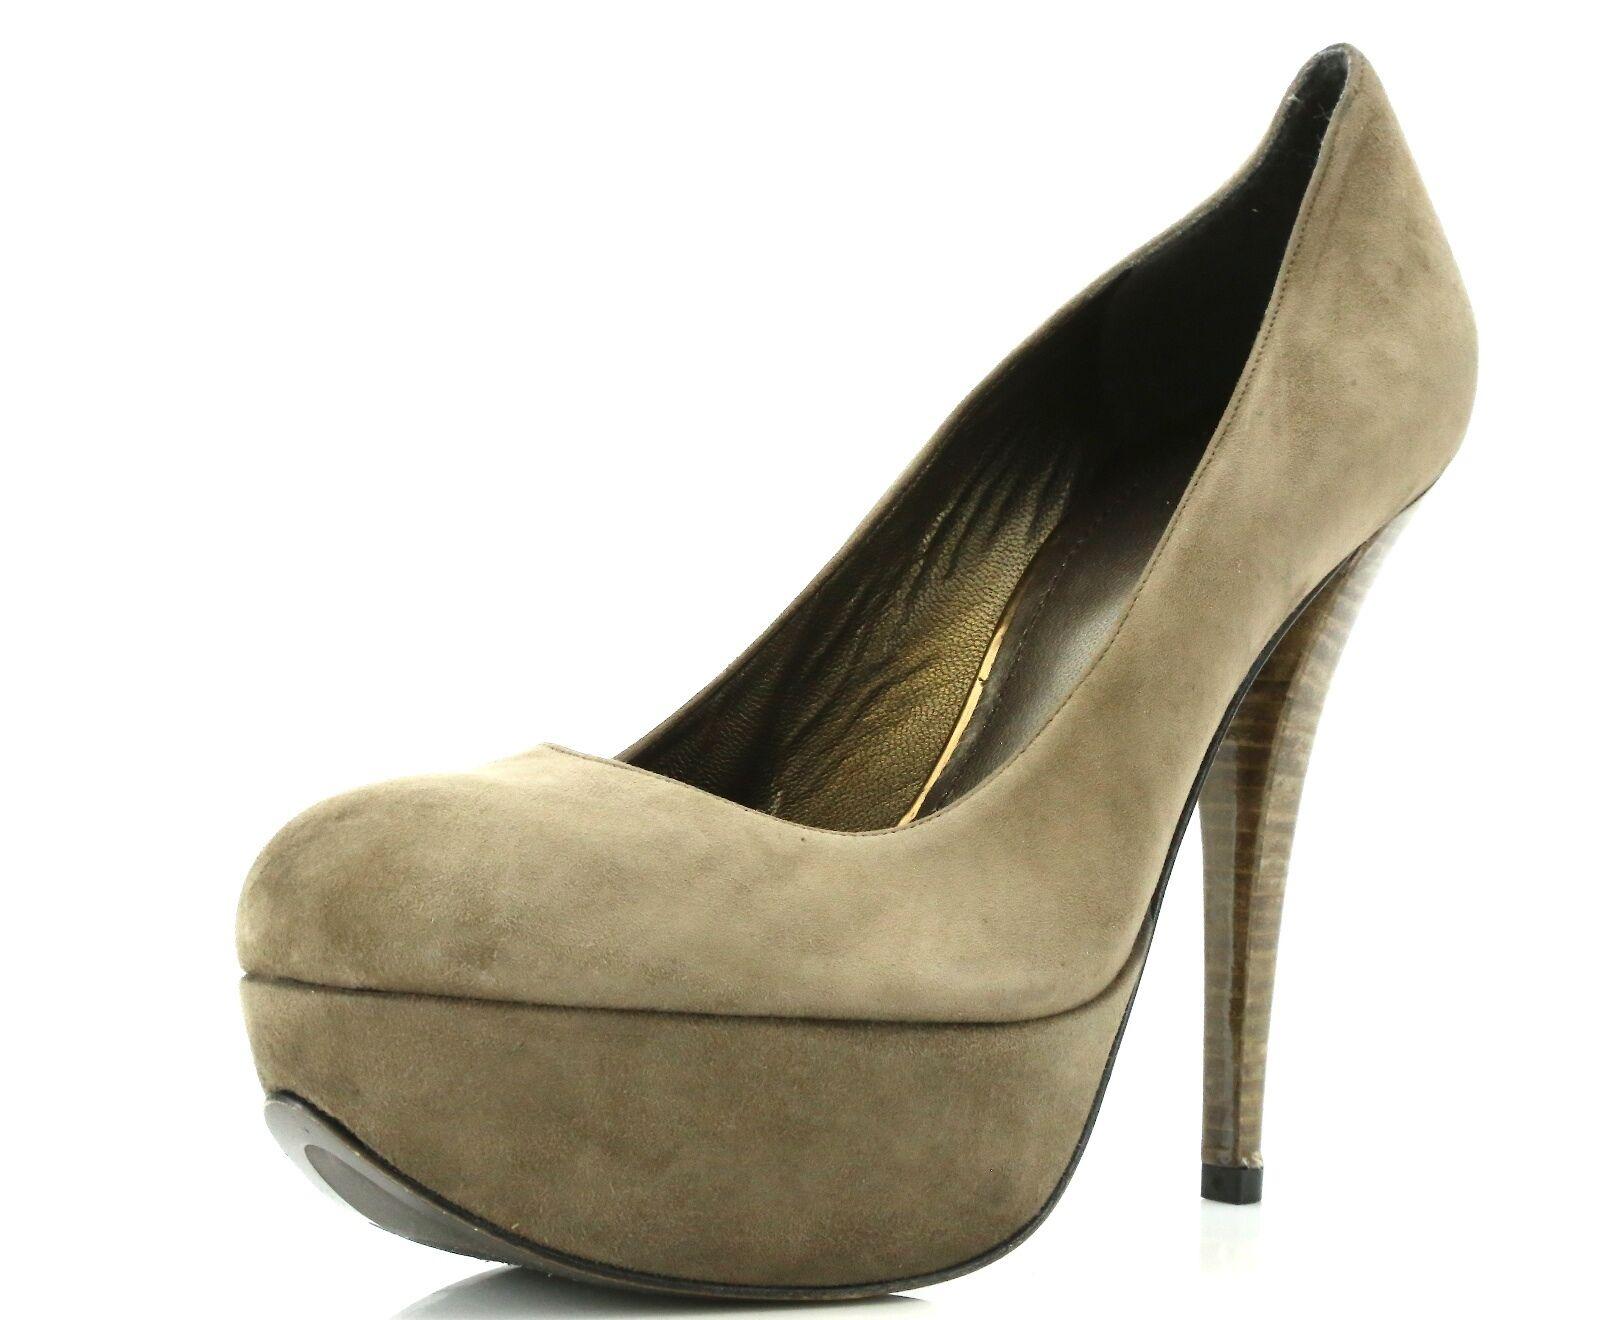 Stuart Weitzman Woman's Brown Suede Platform Heels 3464 Size 9 M NEW!